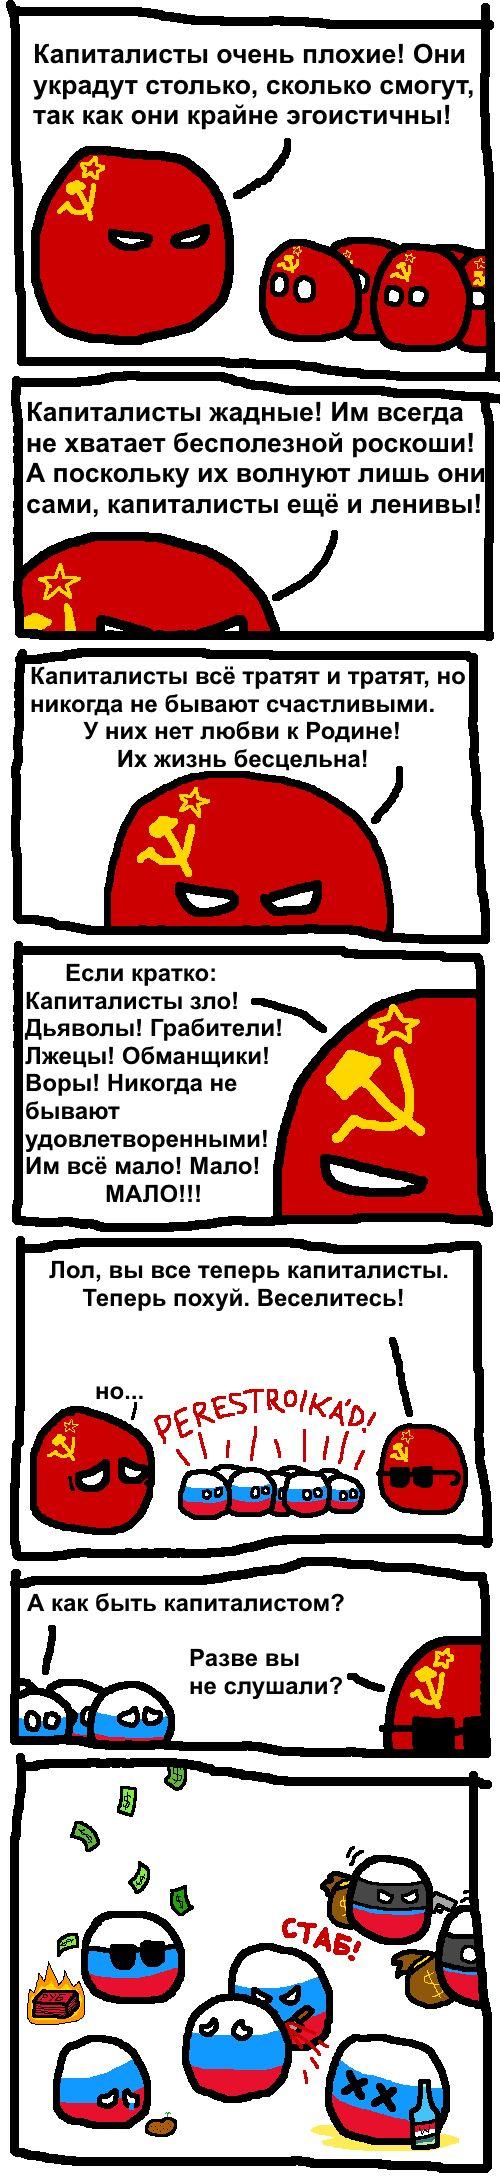 Комиксы 15.07.2014